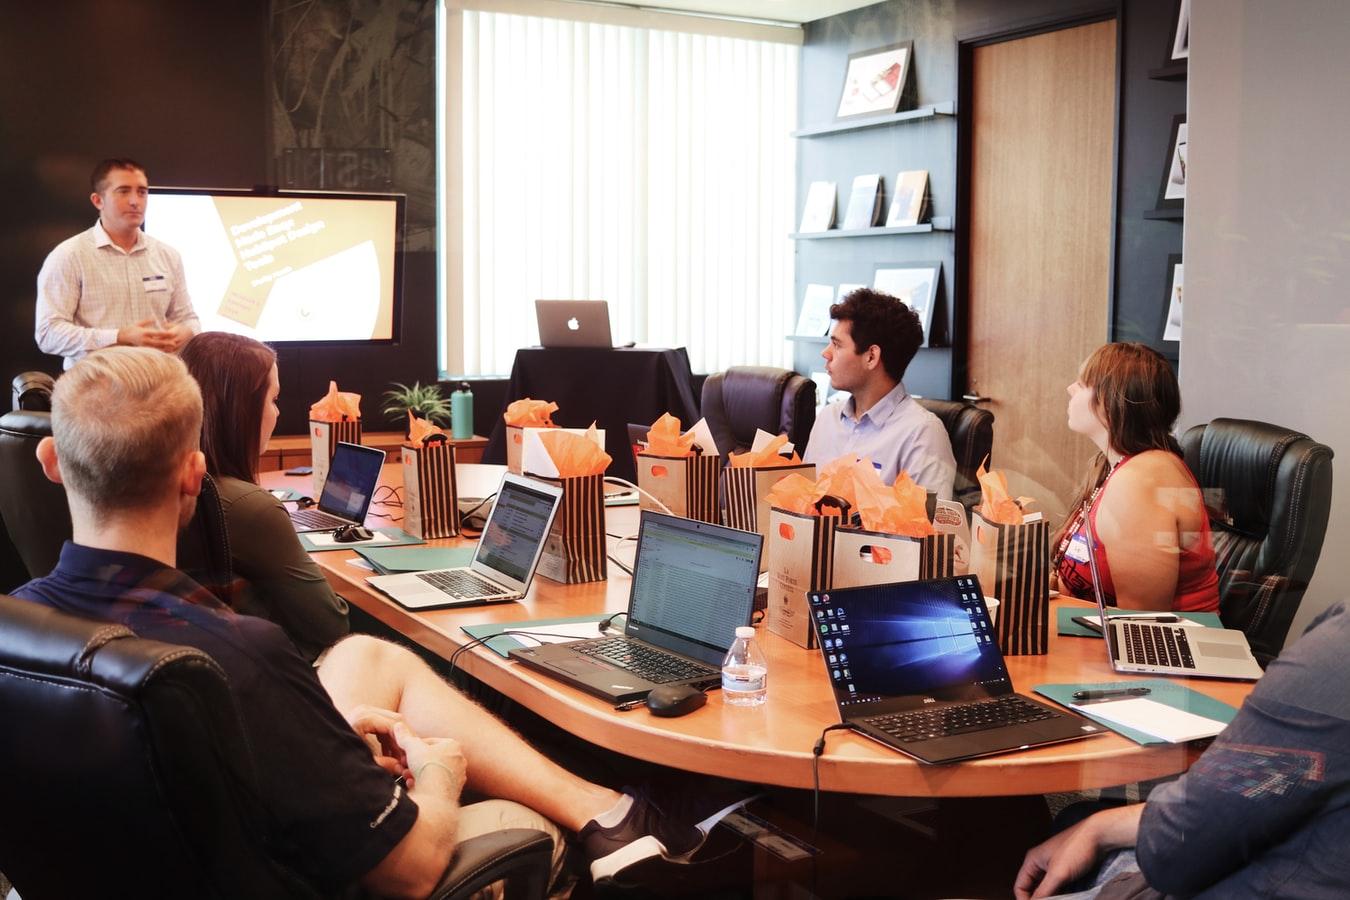 Une réunion de travail. (Crédits photo : Unsplash).